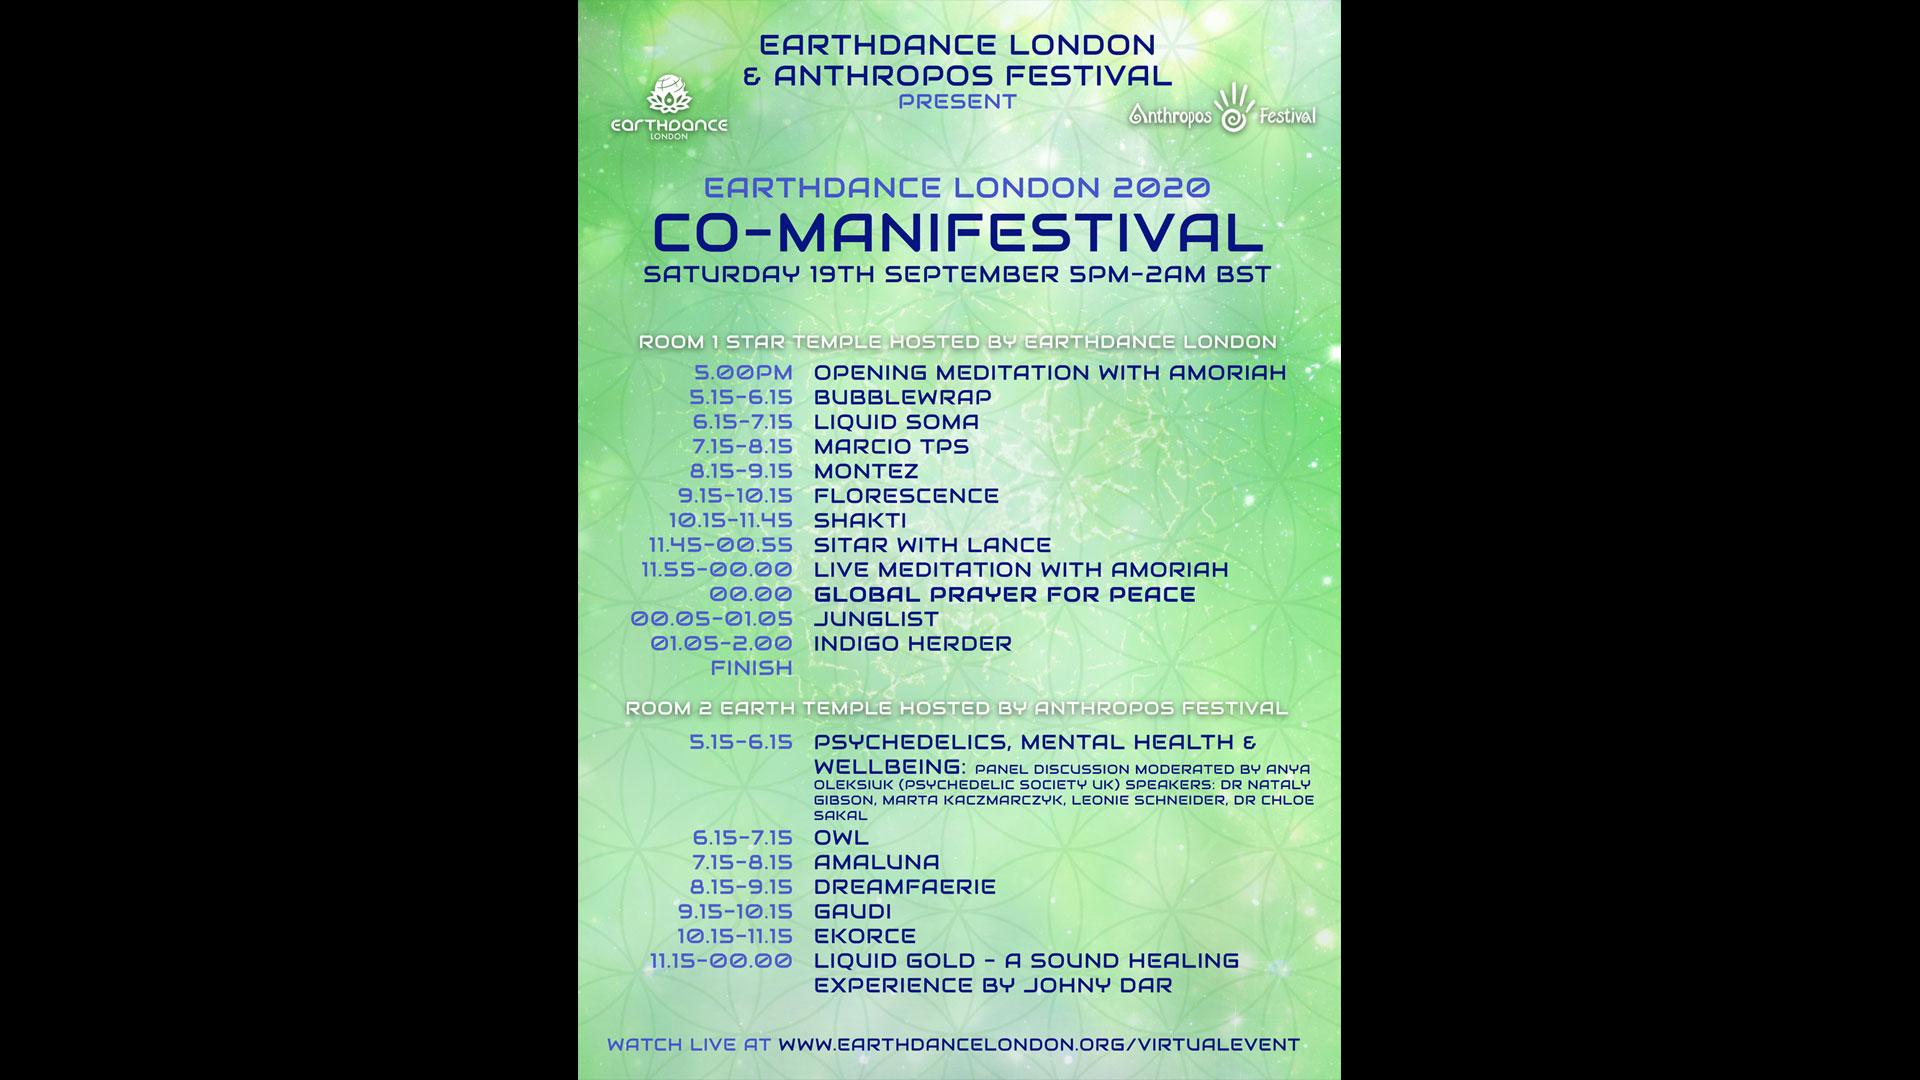 Earthdance Vision 2020 Co-Manifestival